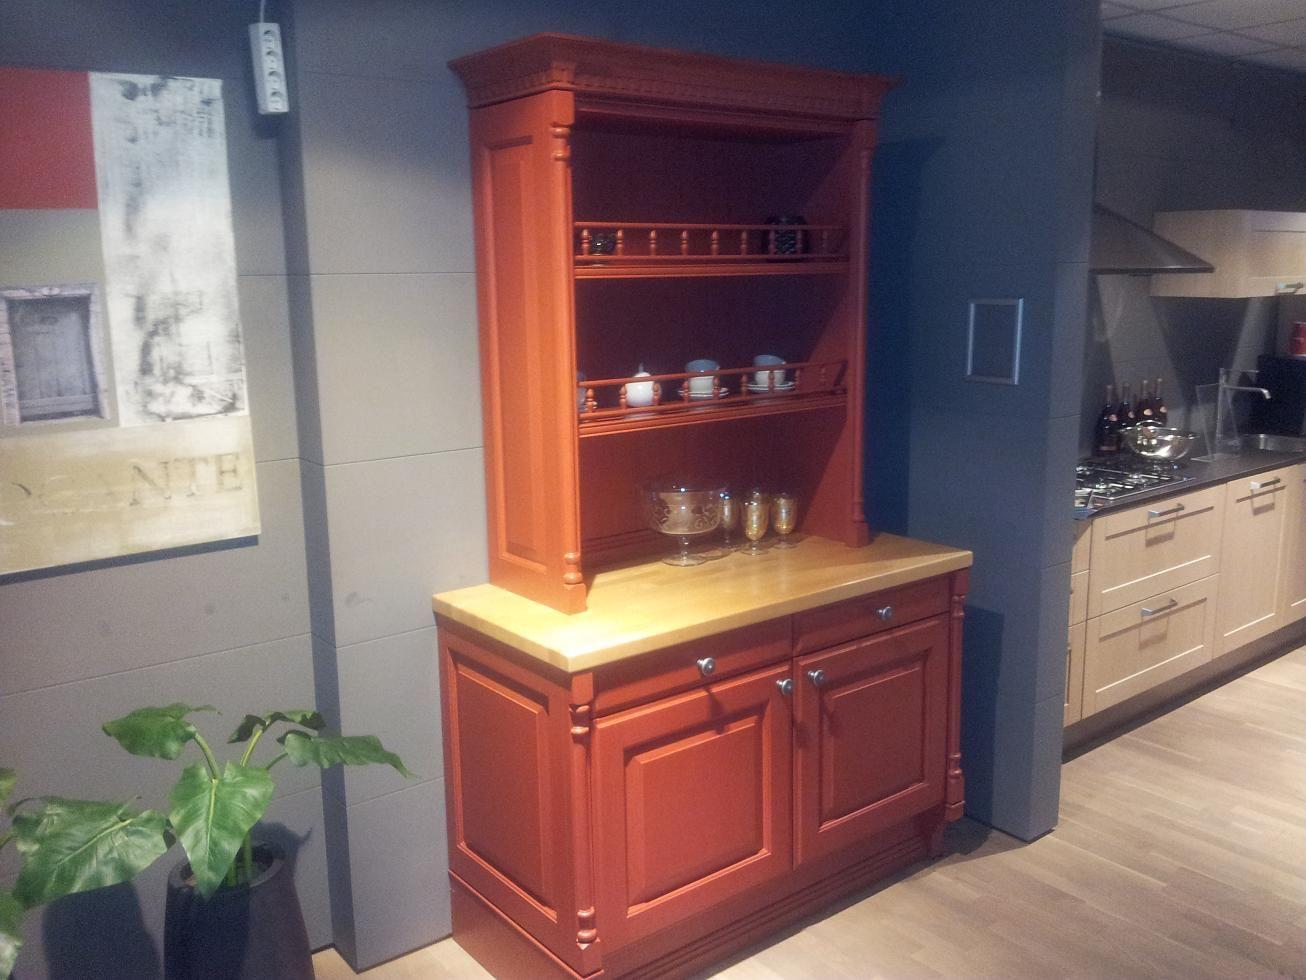 Buffetkast Voor Keuken : Showroomkeukens alle showroomkeuken aanbiedingen uit nederland